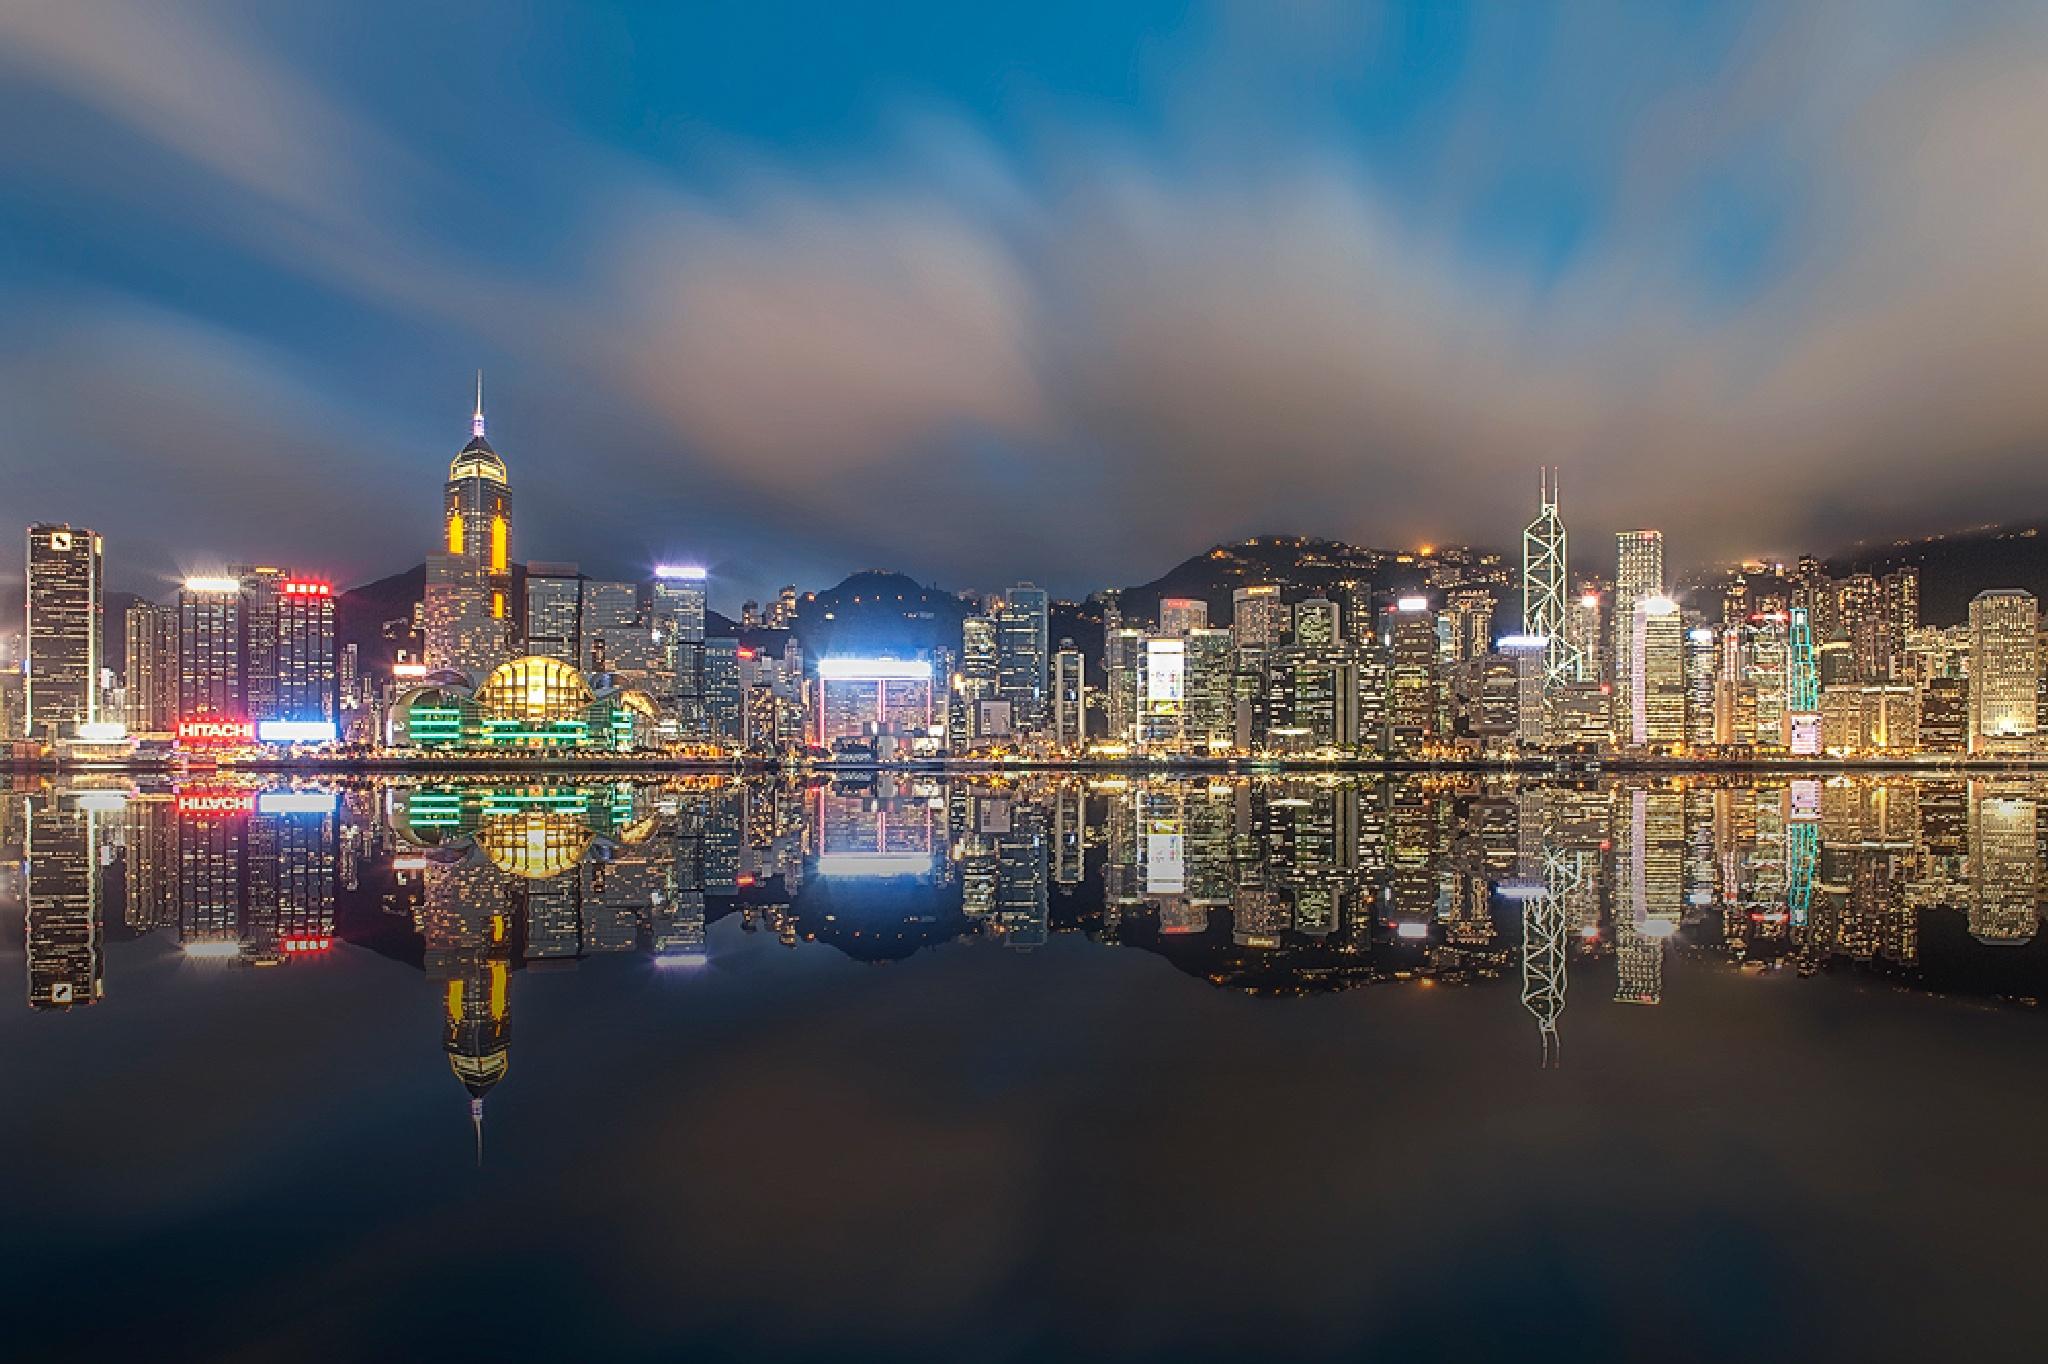 Hong Kong by Rio Tanusudiro